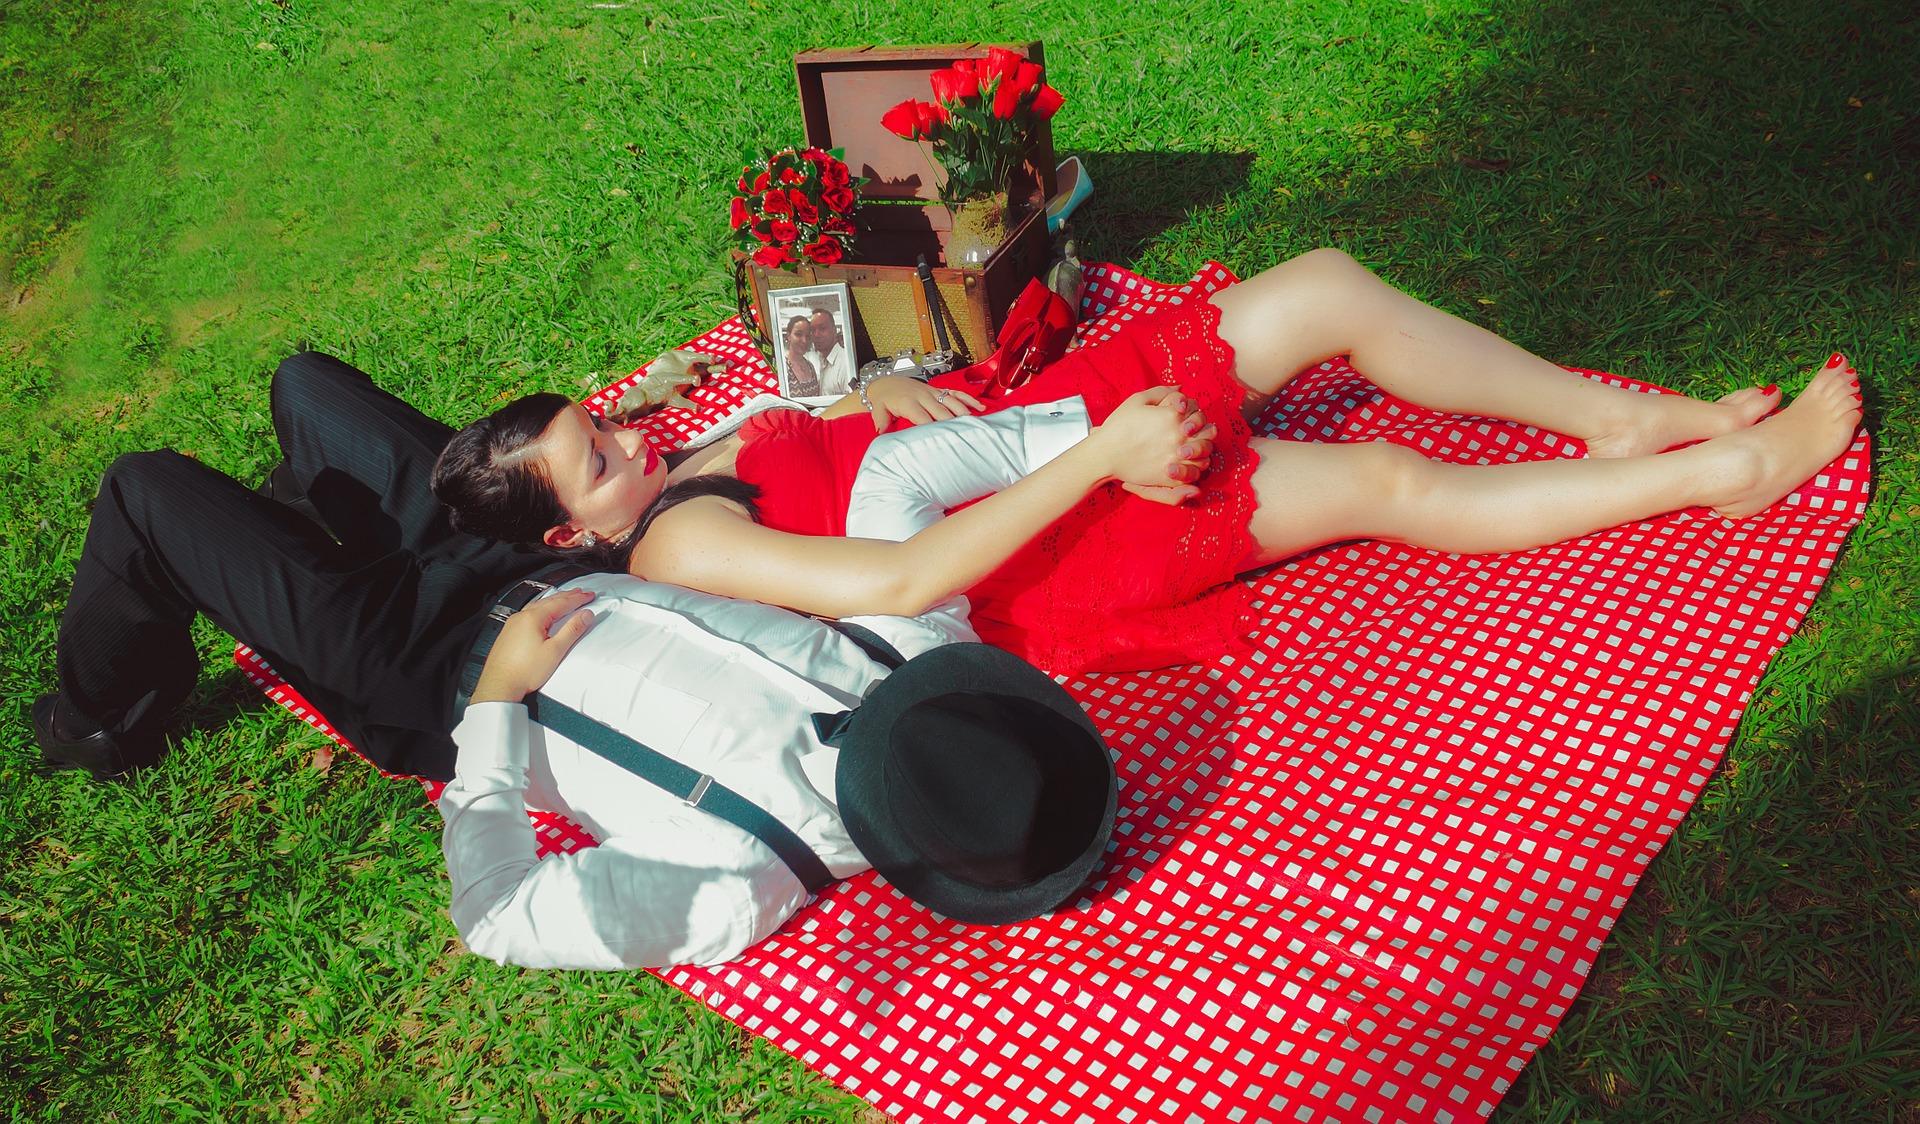 que llevar a un picnic